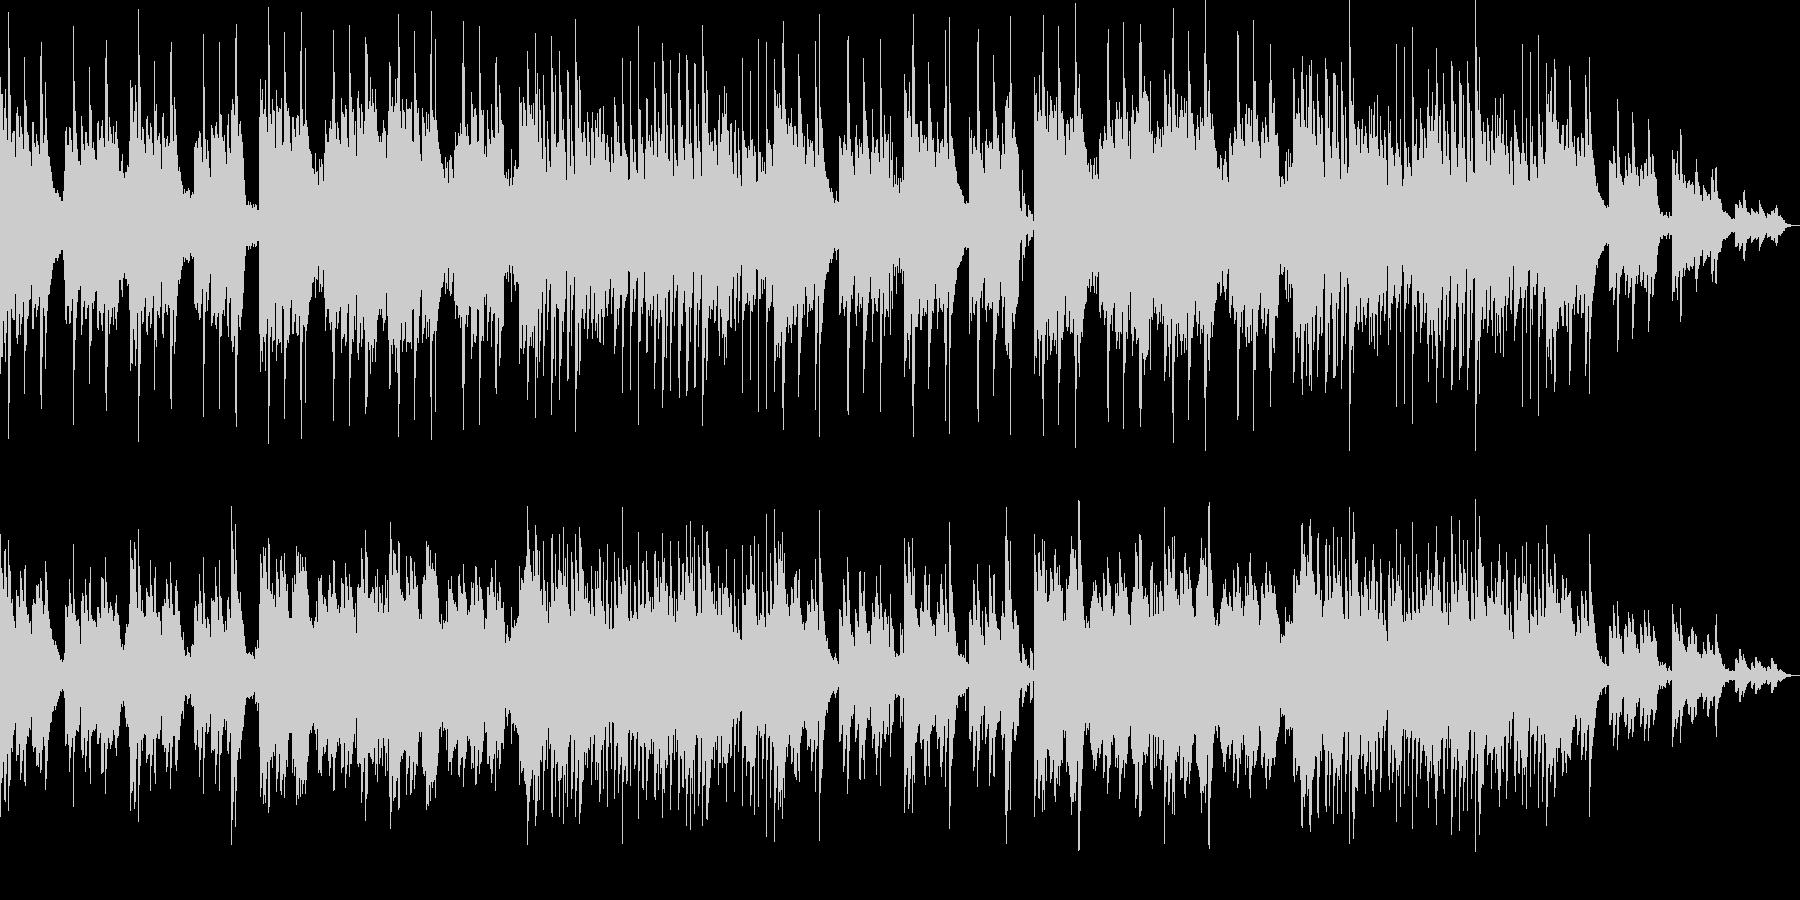 不気味なホラー曲 ピアノと木管系の未再生の波形